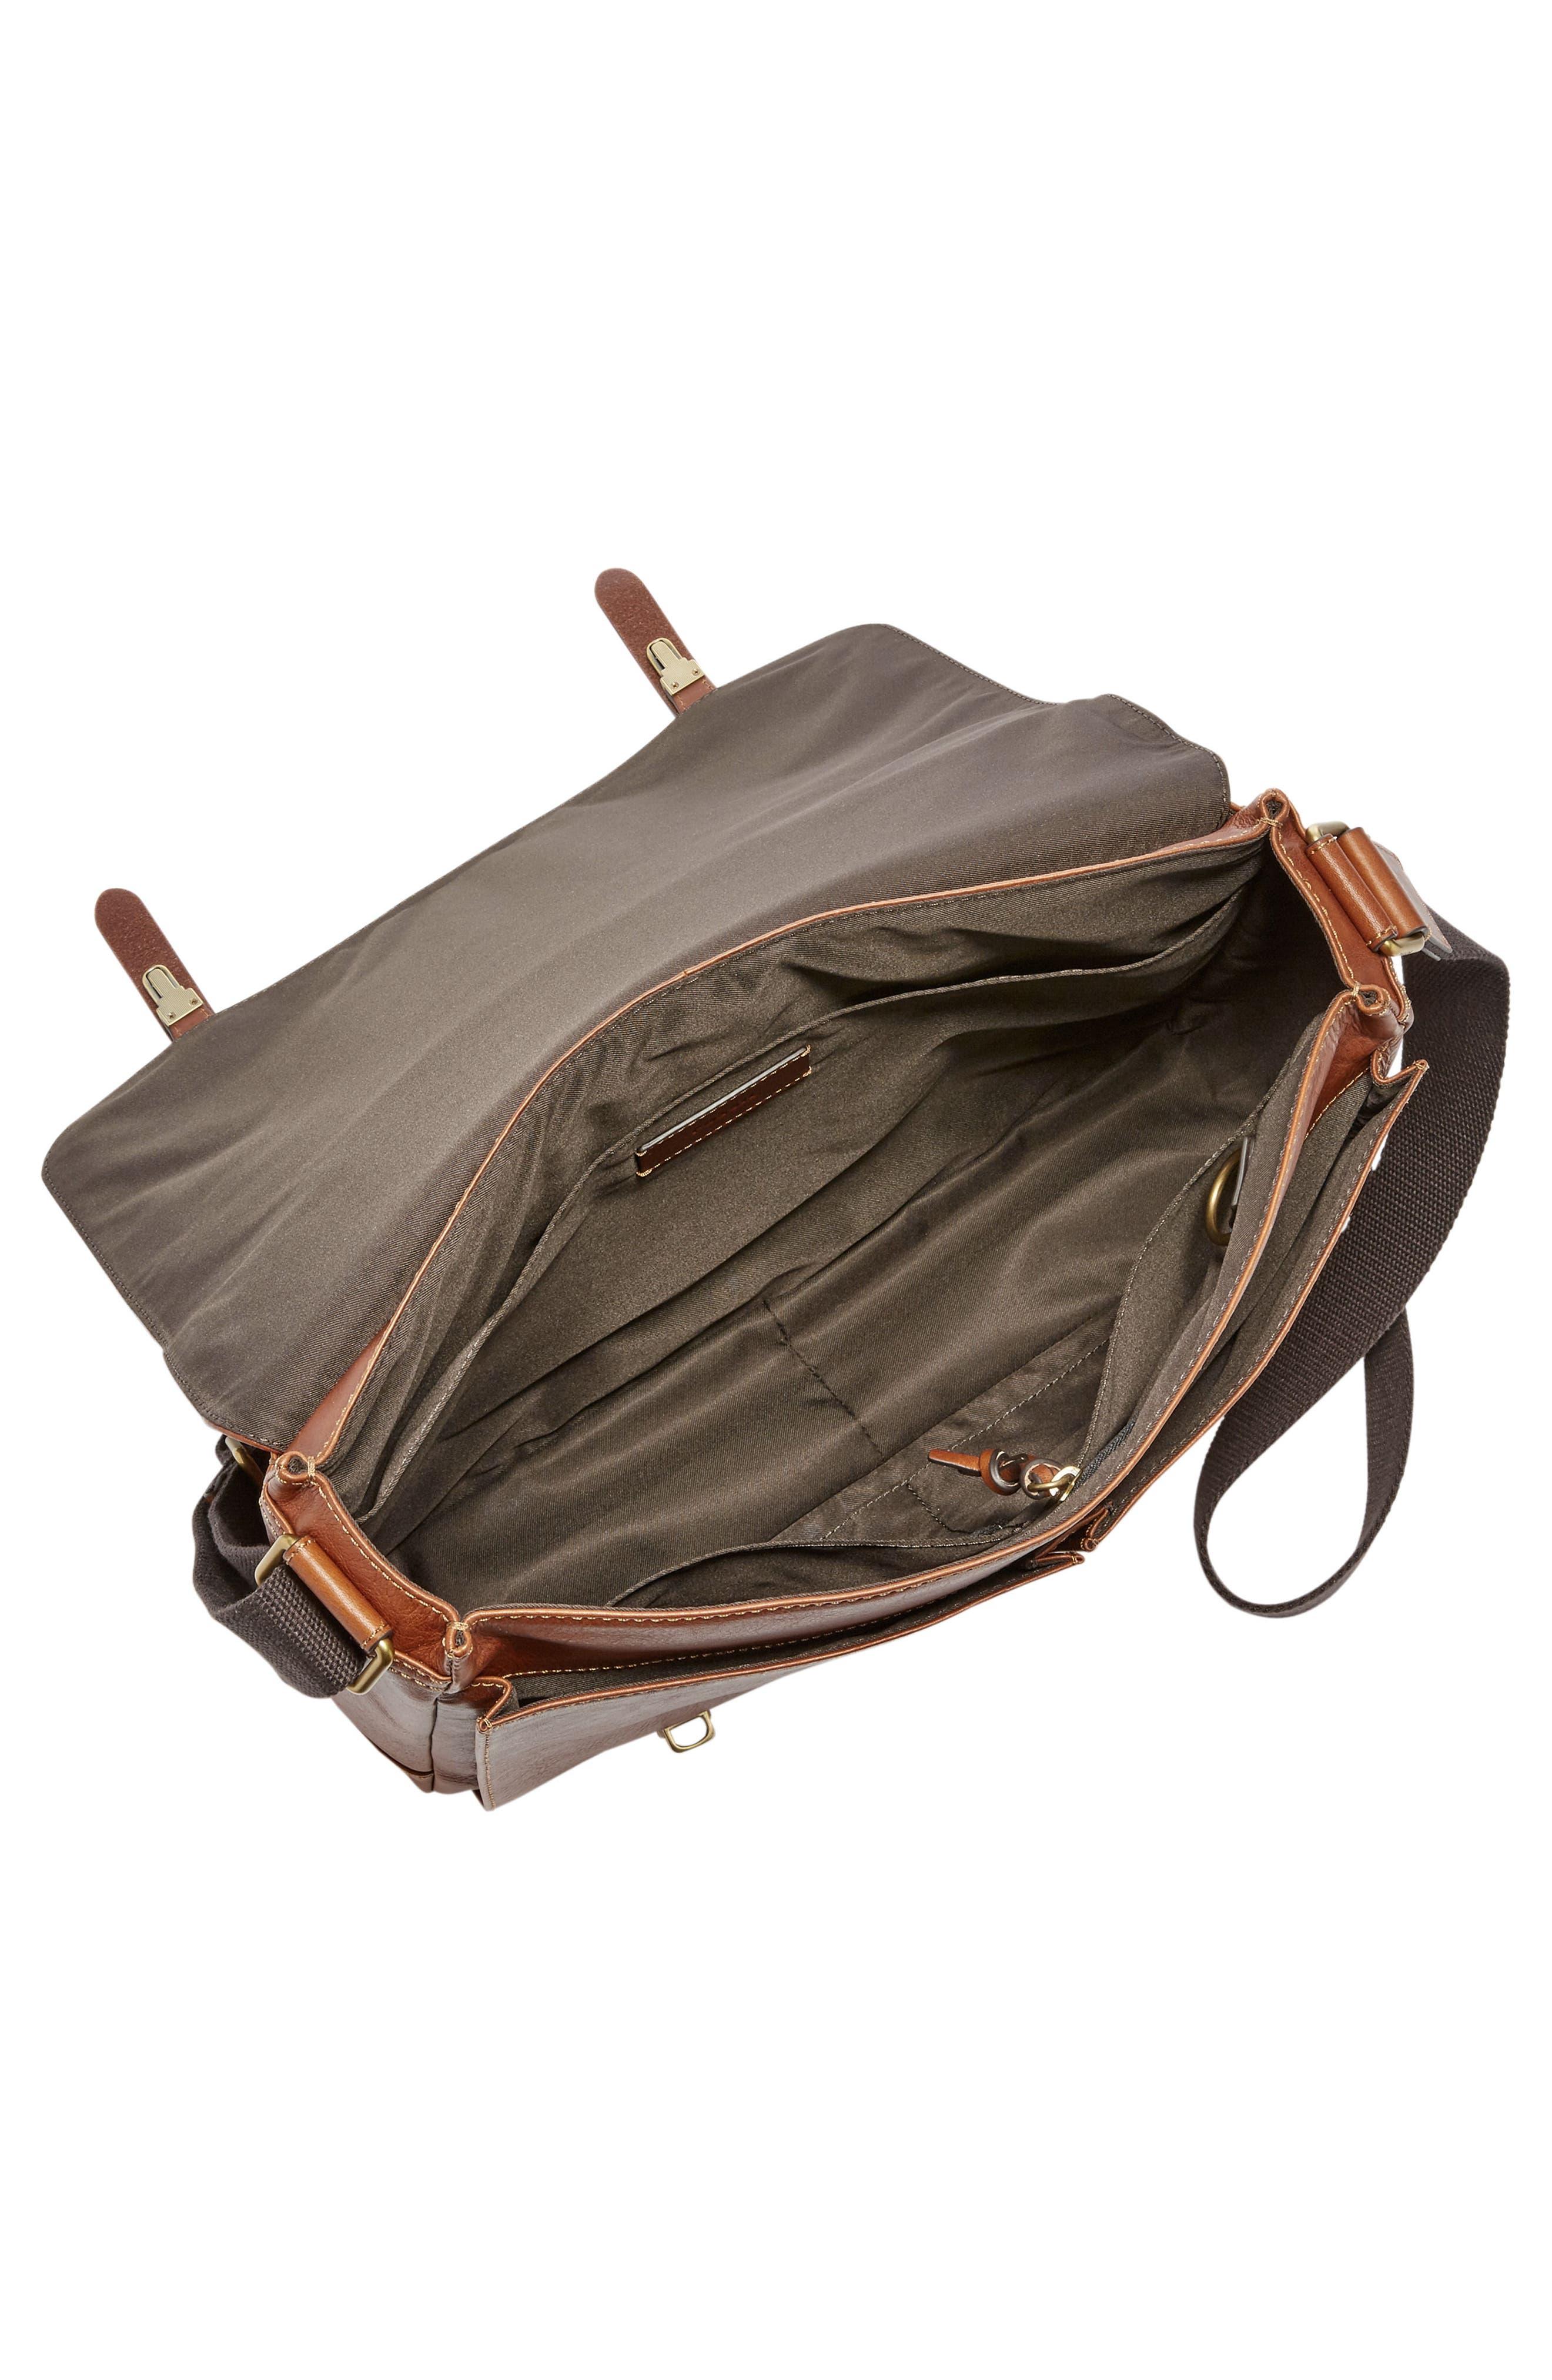 'Defender' Leather Messenger Bag,                             Alternate thumbnail 3, color,                             202